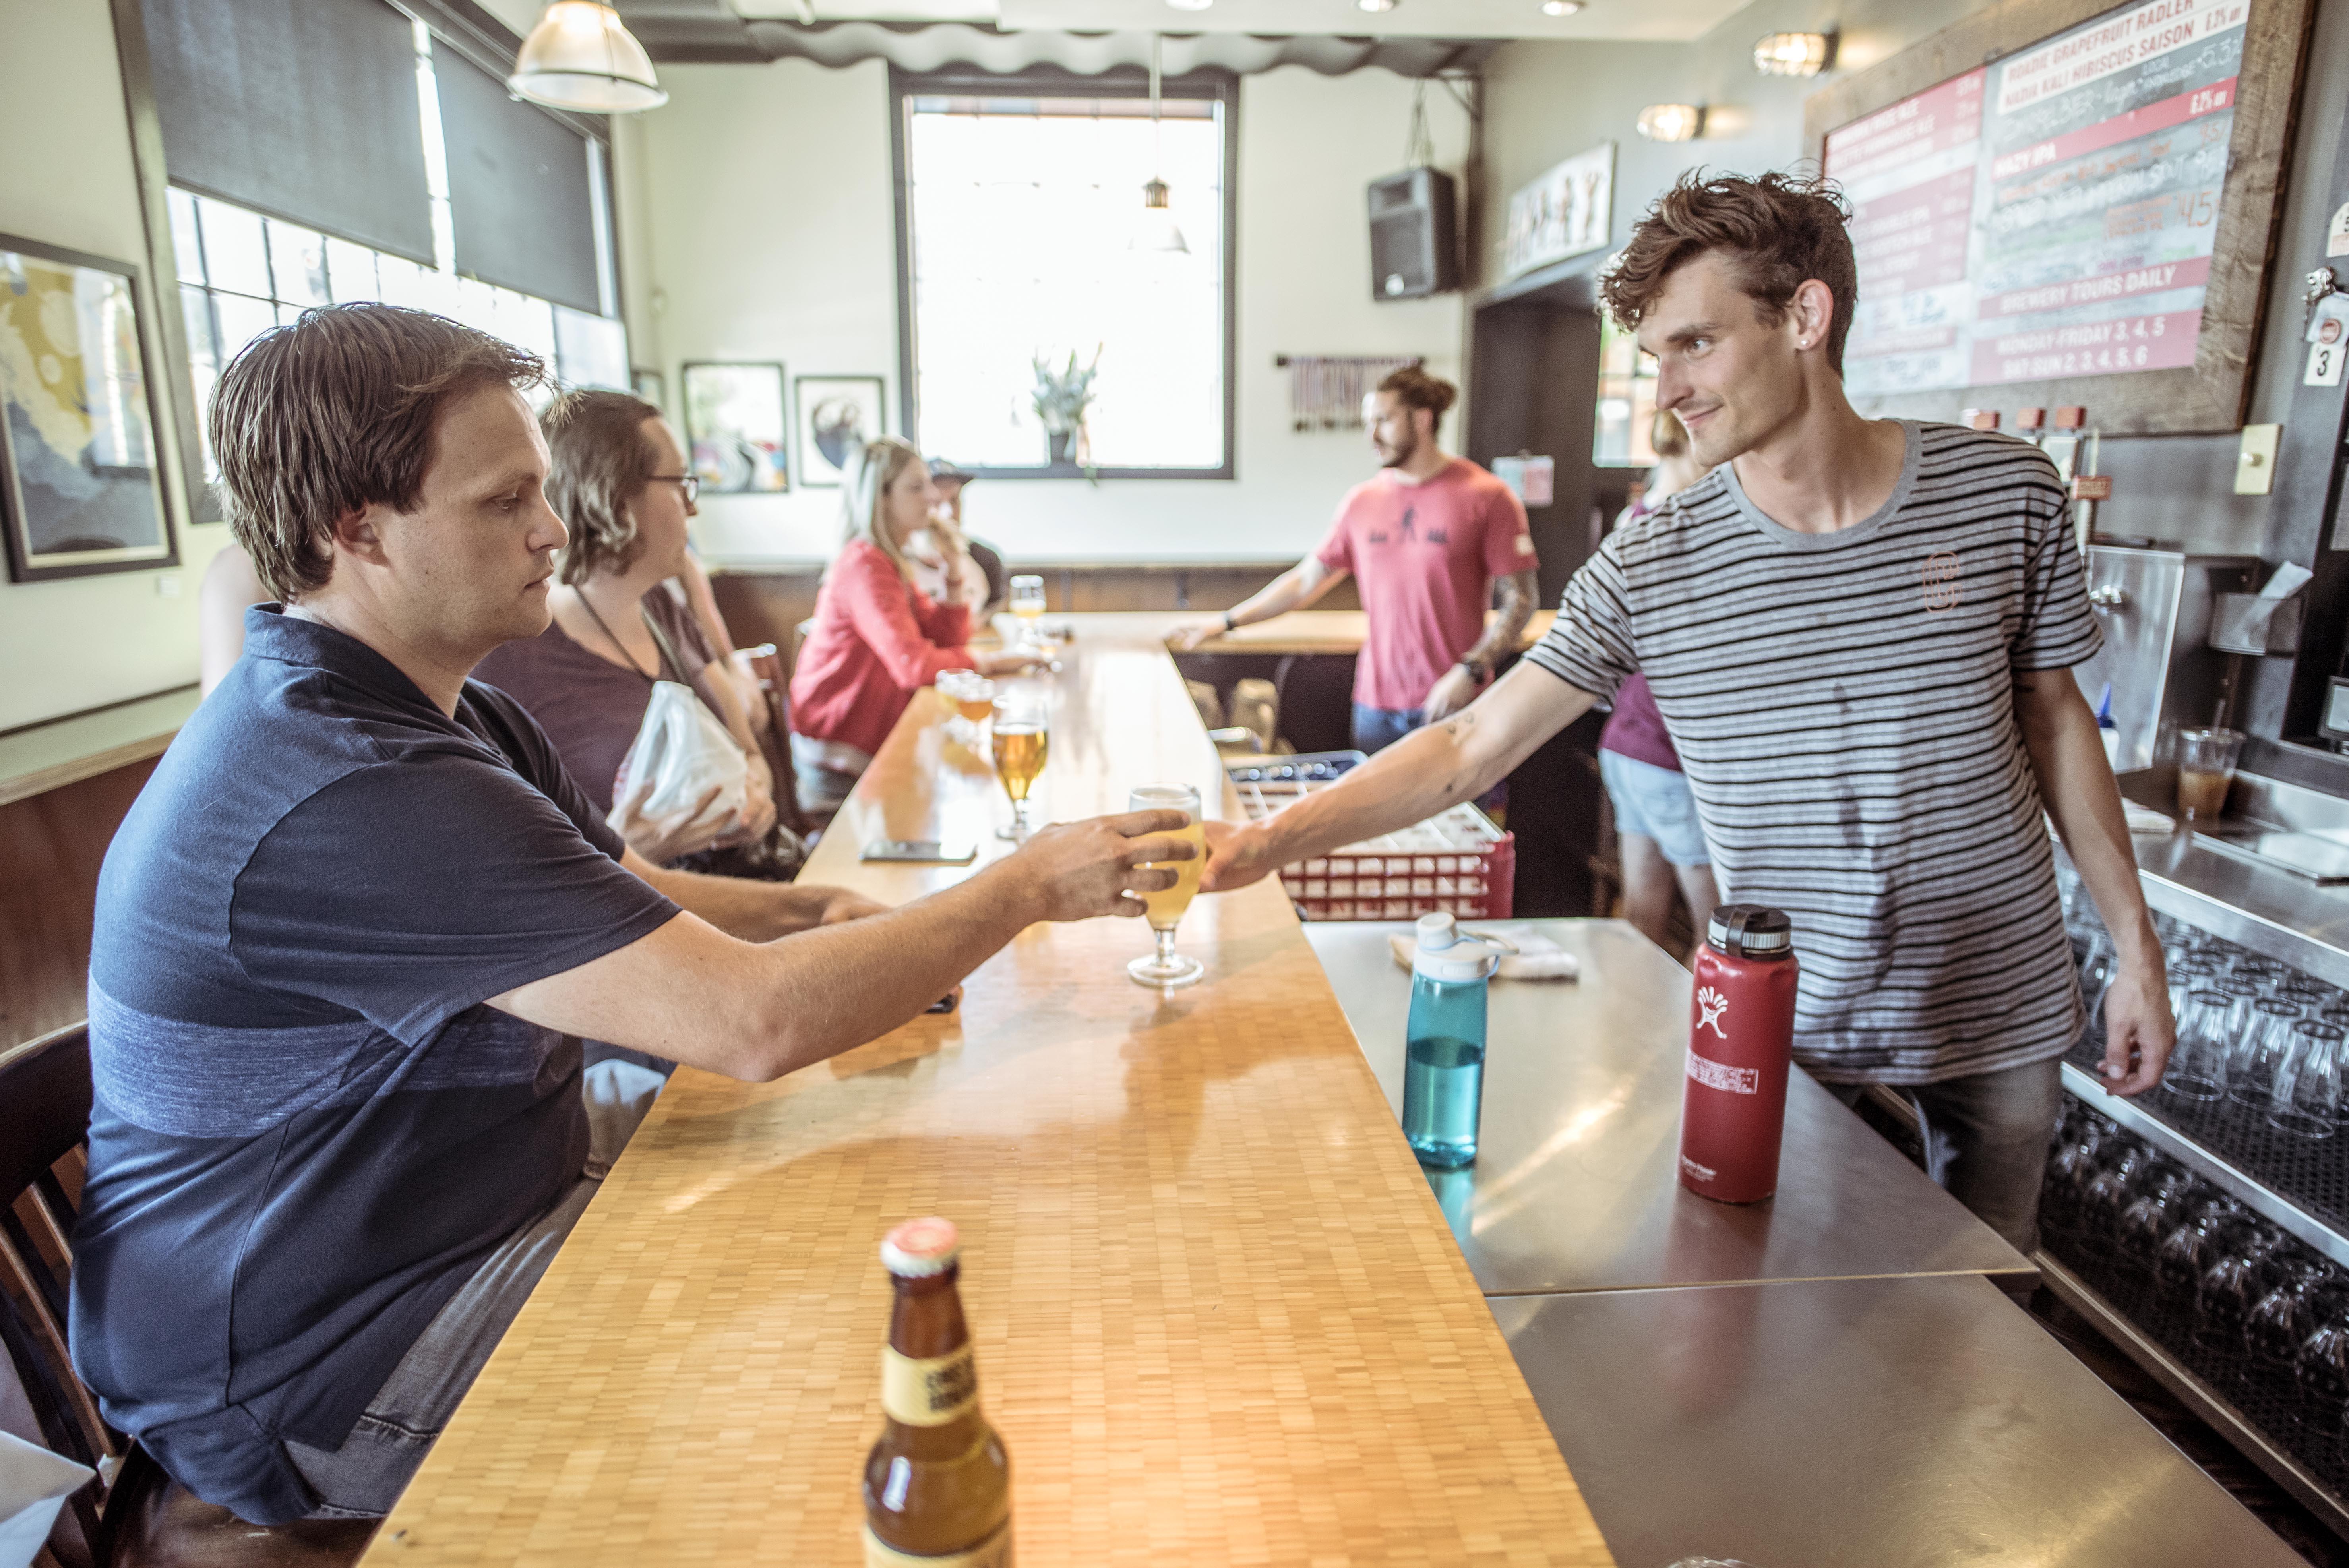 GRiZ Releases 'Chasing the Golden Hour Pt. II' Mixtape, Launches Beer Line